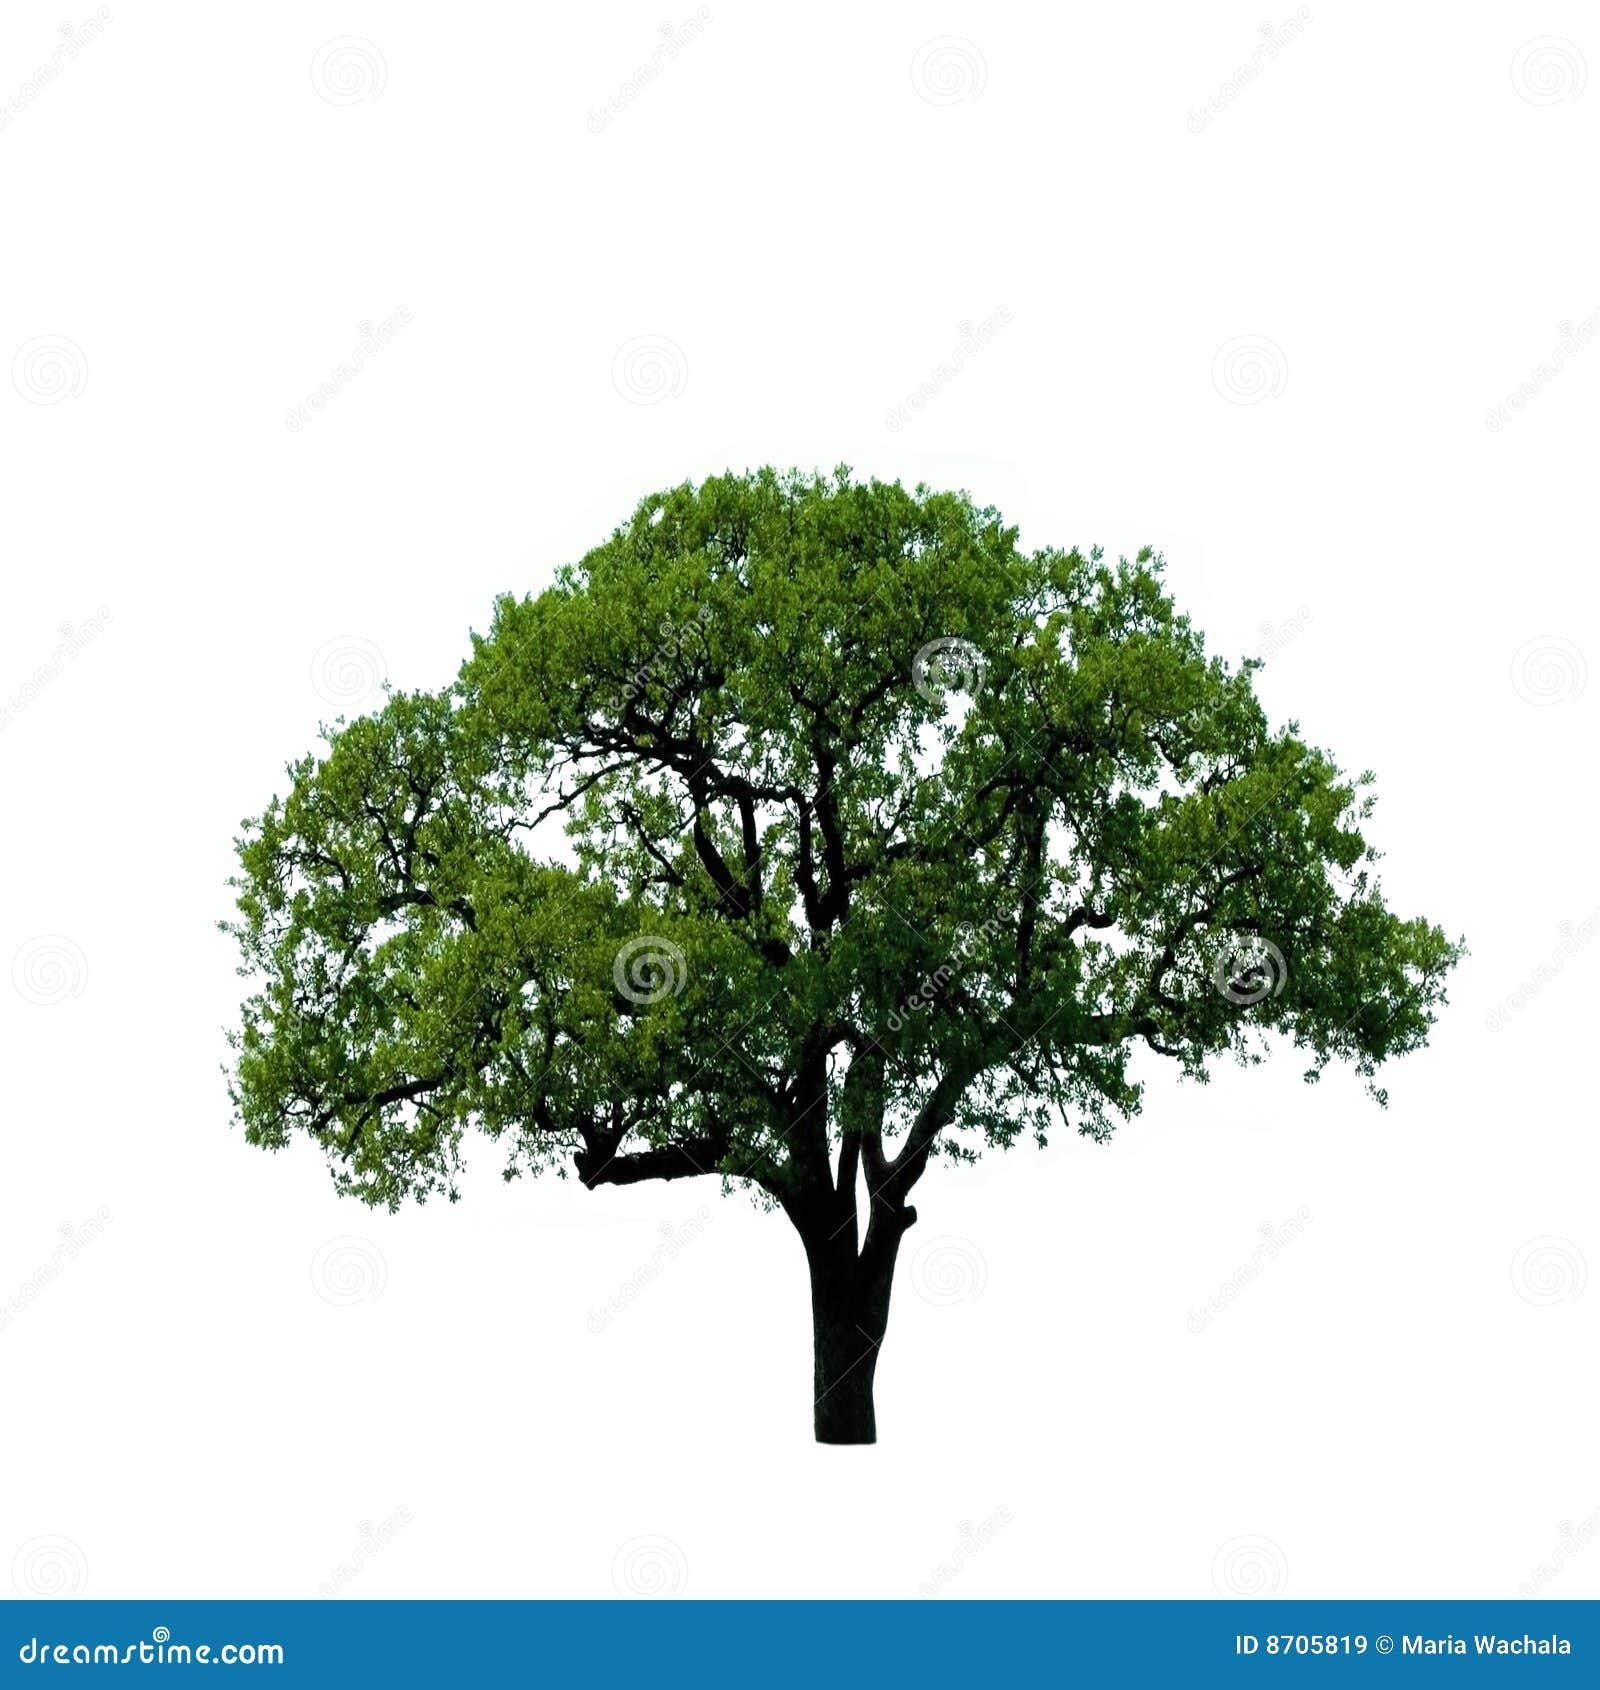 Grüner Baum getrennt